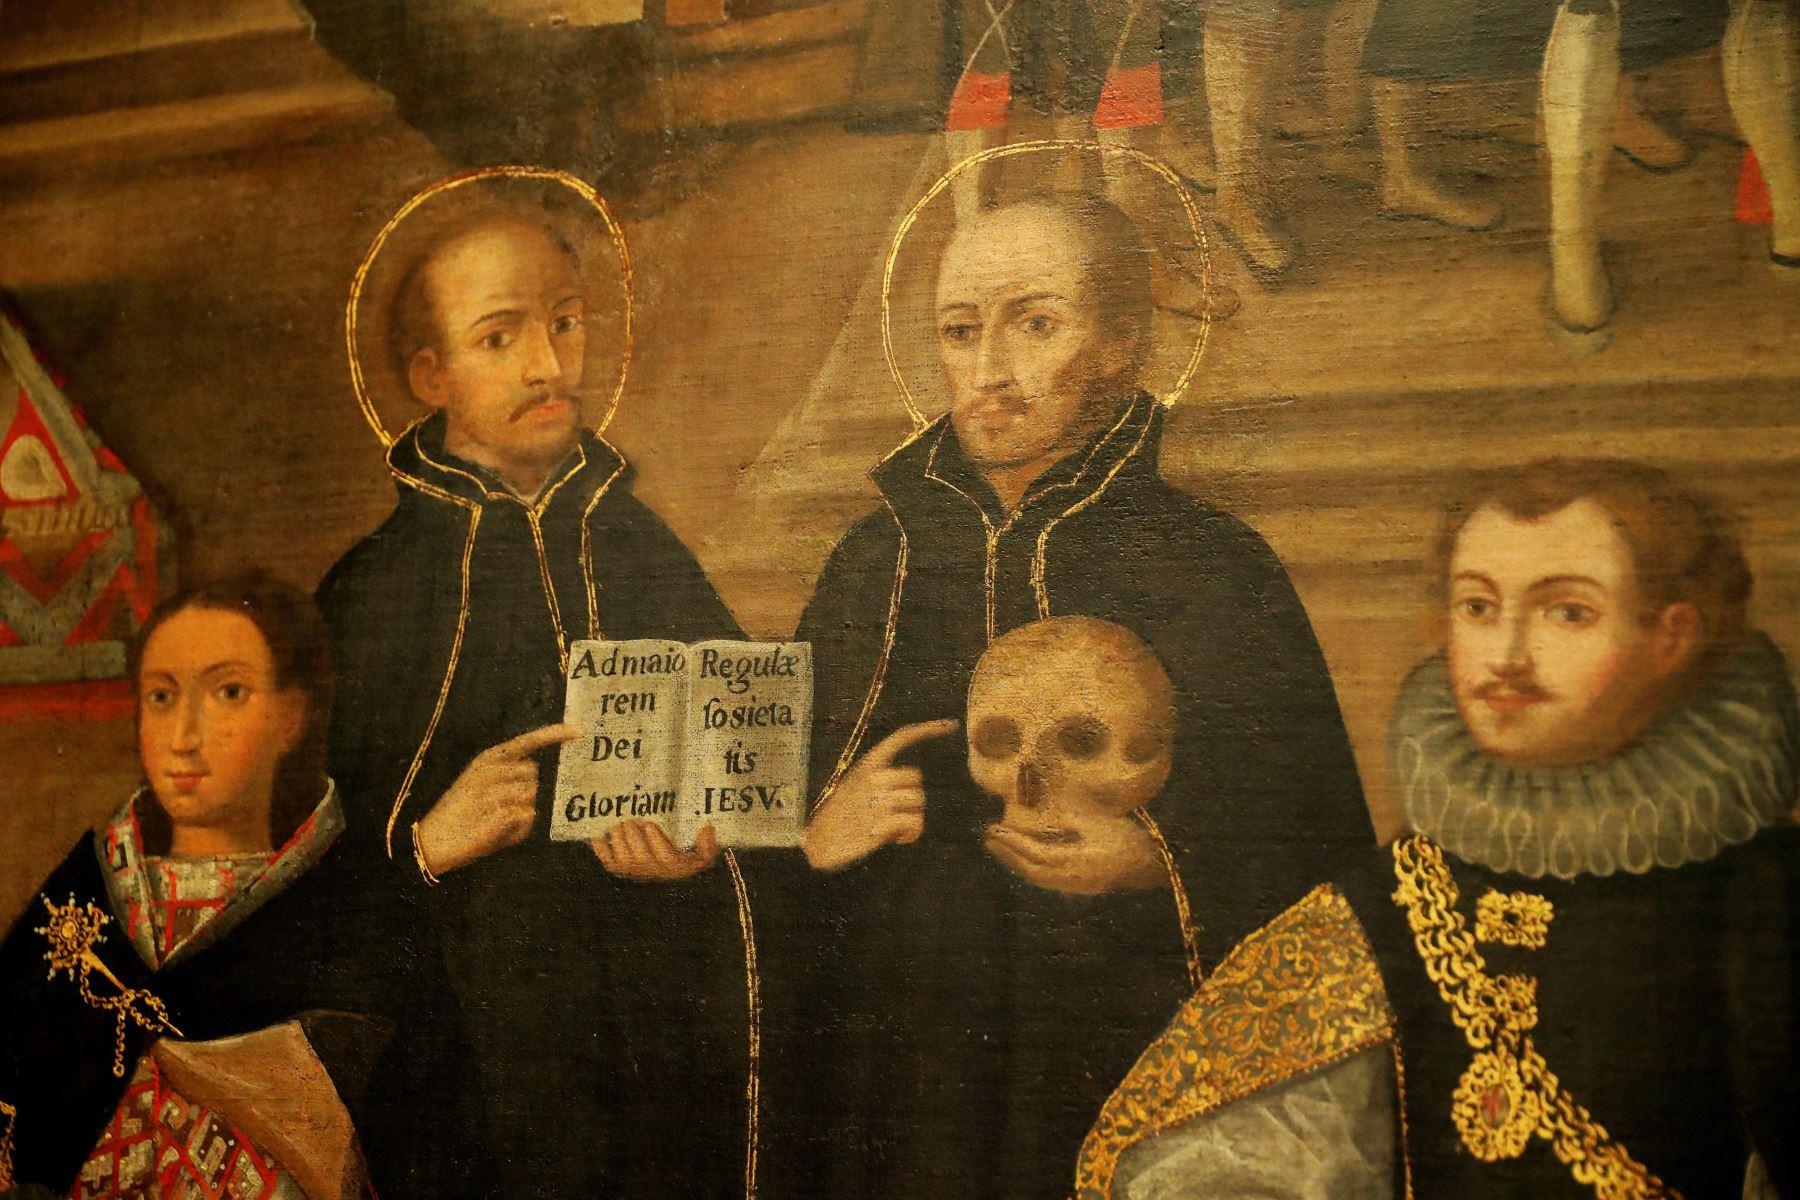 """""""Matrimonios de Martín de Loyola con Beatriz Ñusta y de Juan de Borja con Lorenza Ñusta de Loyola"""", pintura cusqueña del XVIII que se expondrá en el Museo del Prado de Madrid. Foto: EFE."""